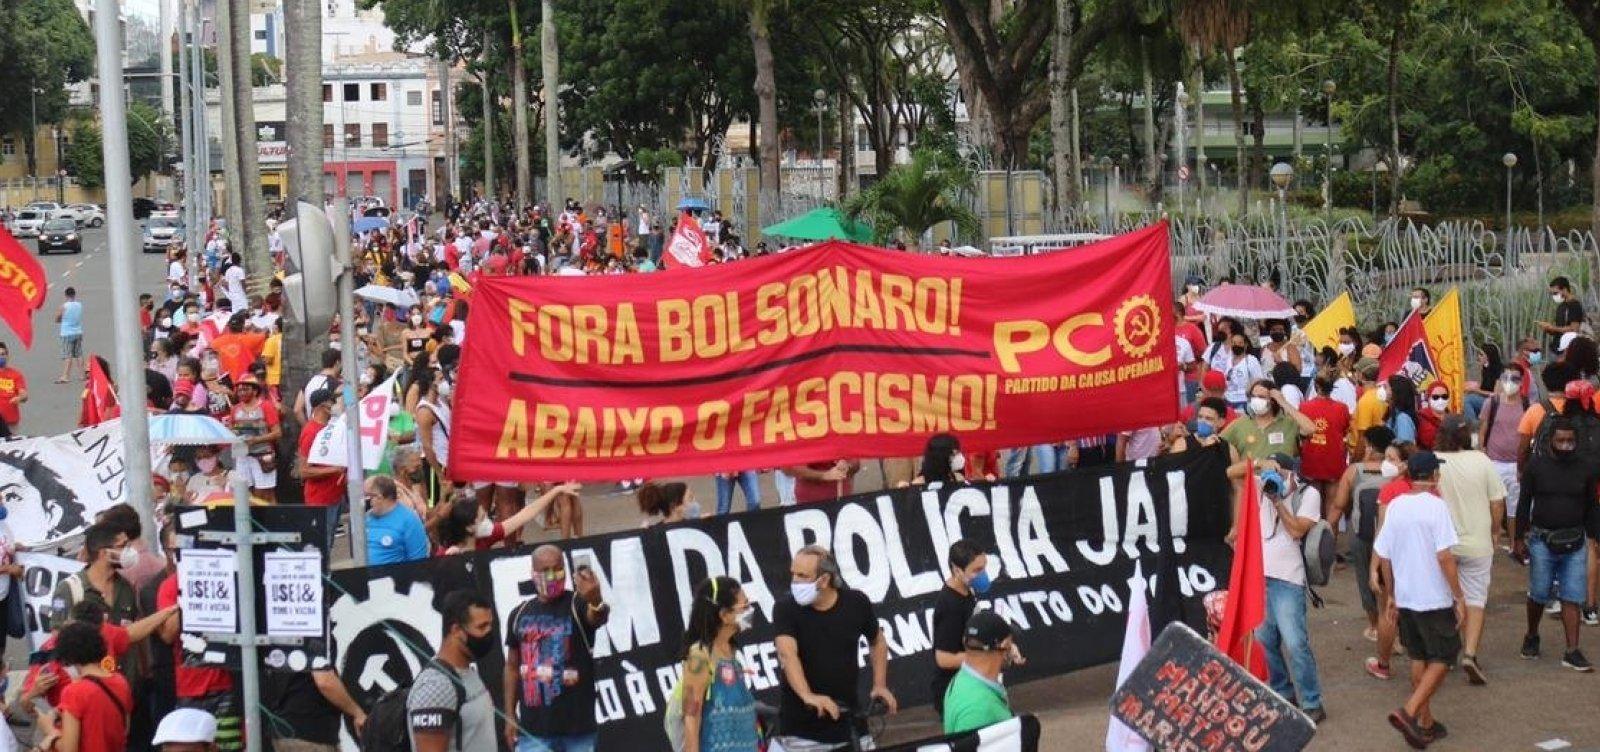 Prefeito diz lamentar ato contra Bolsonaro em Salvador em meio à pandemia